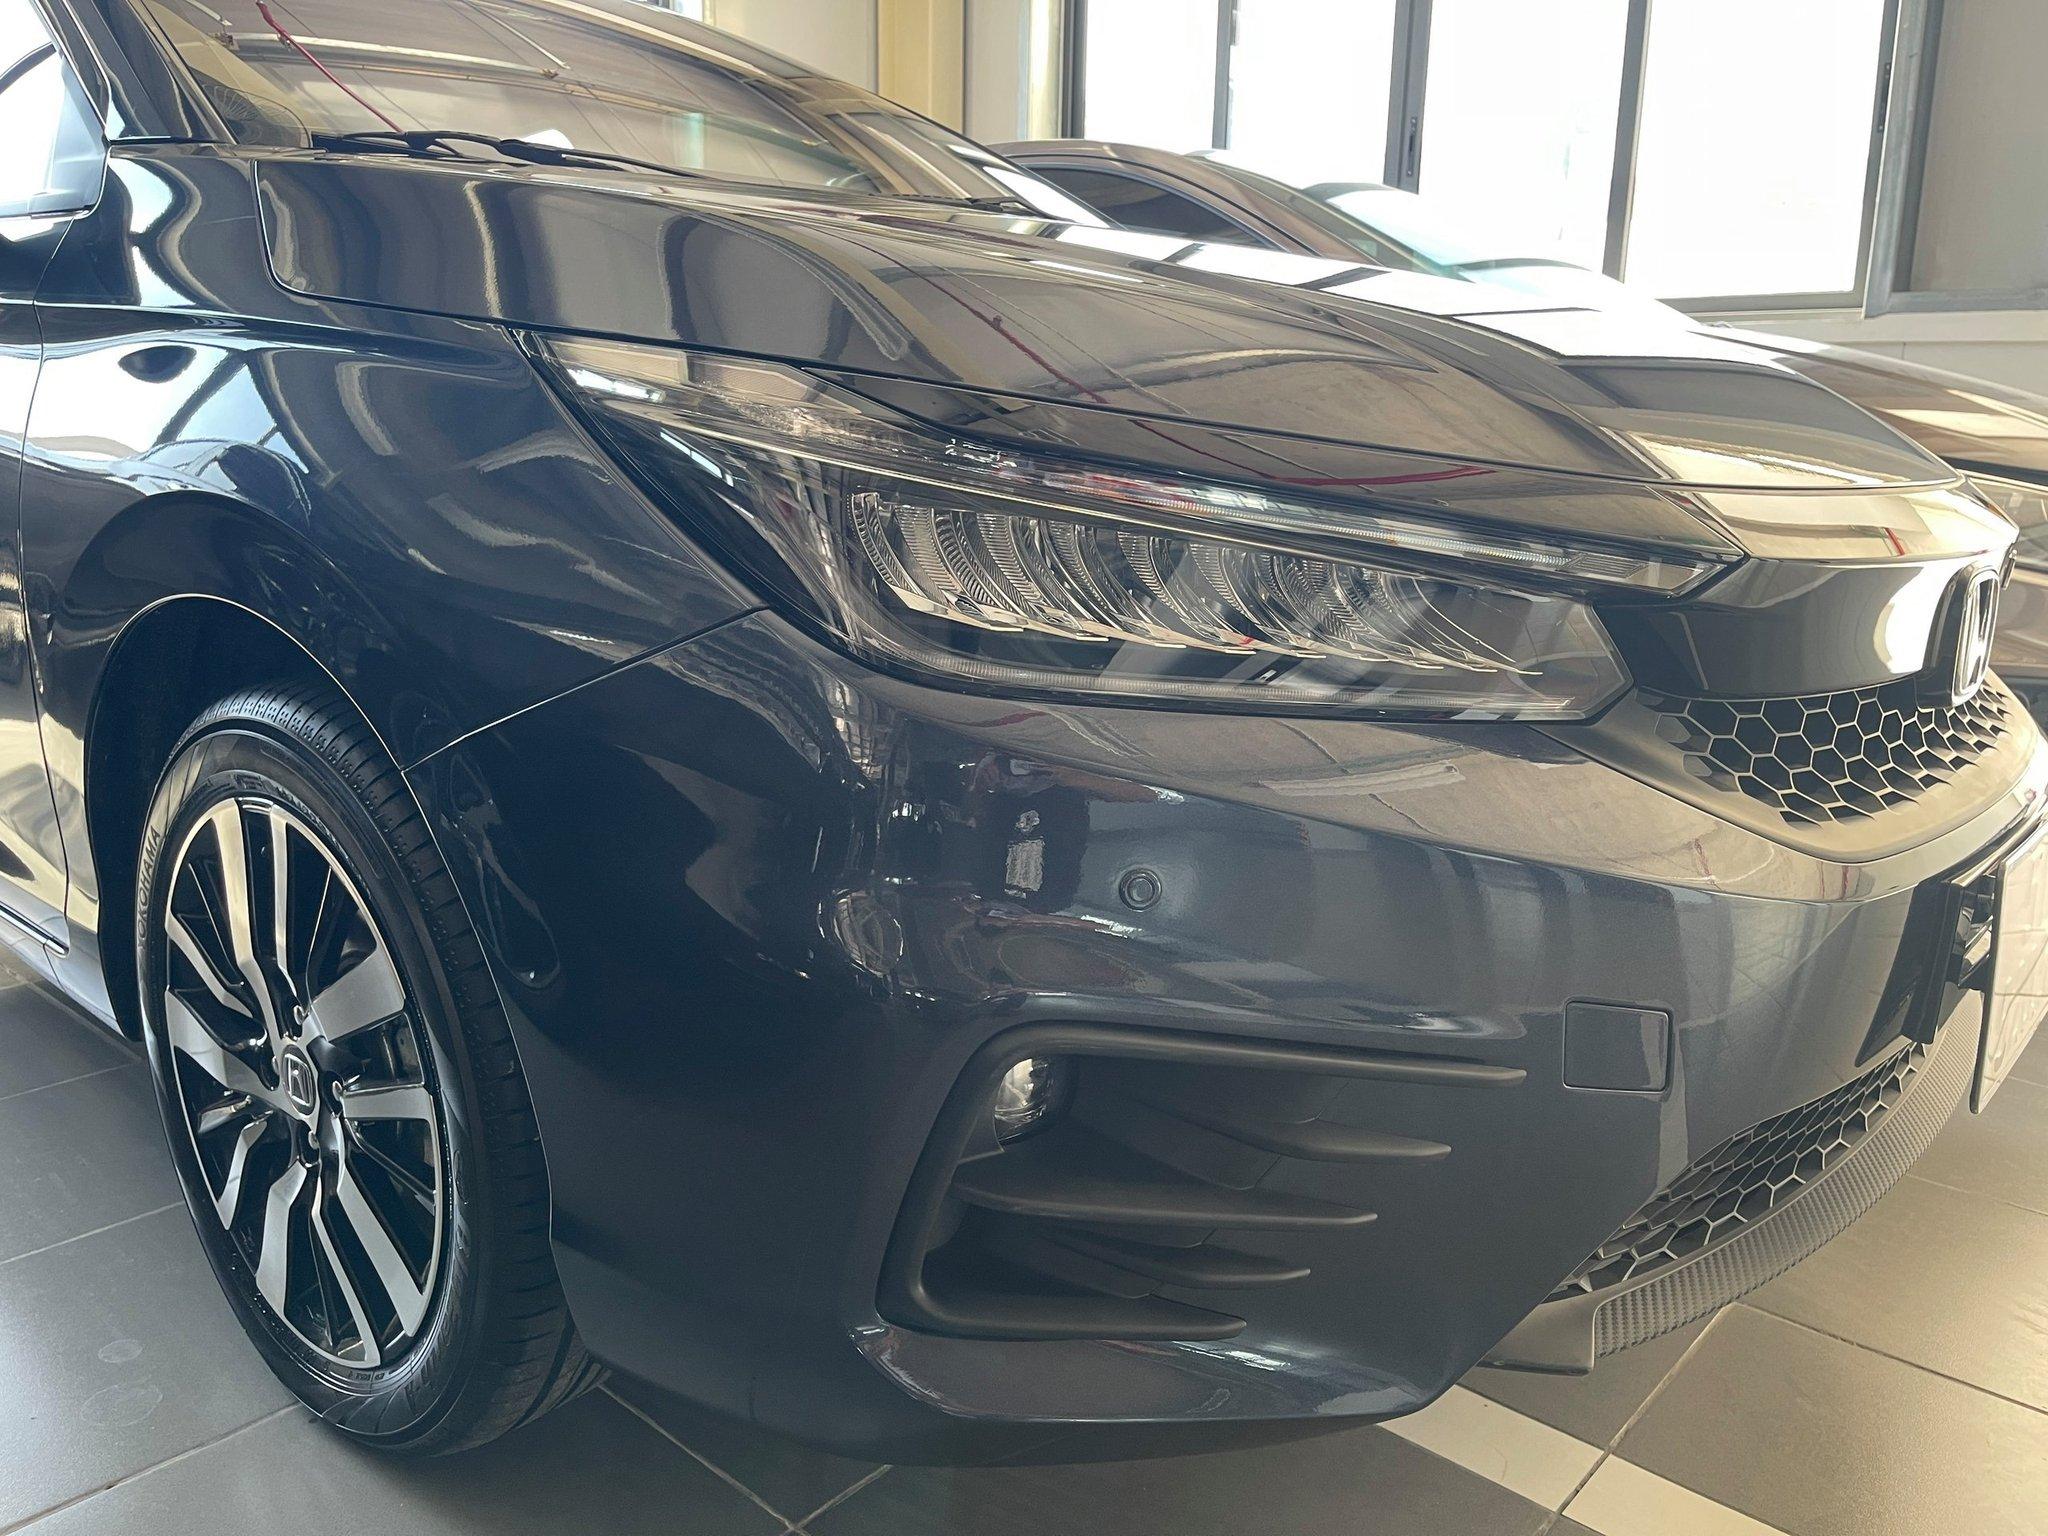 Chủ xe Honda City RS 2021 đánh giá bất ngờ sau 1 tháng sử dụng - Ảnh 3.